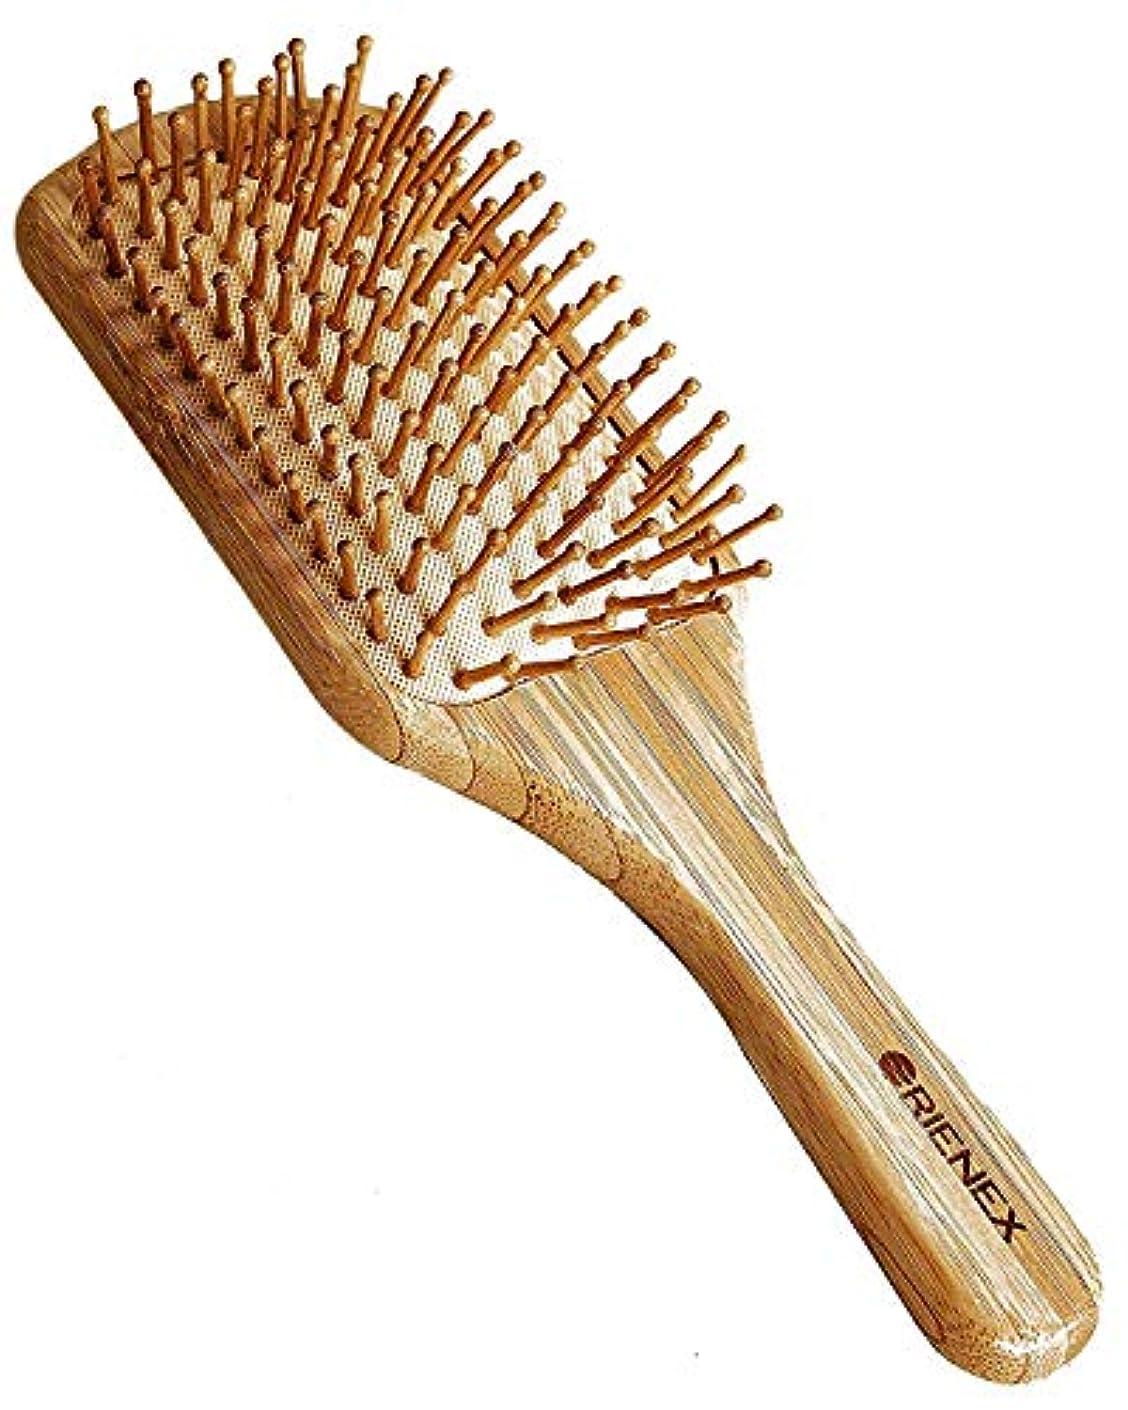 滑る無秩序トランスペアレントOrienex ヘアブラシ 木製櫛 美髪ケア 頭皮&肩&顔マッサージ(大)